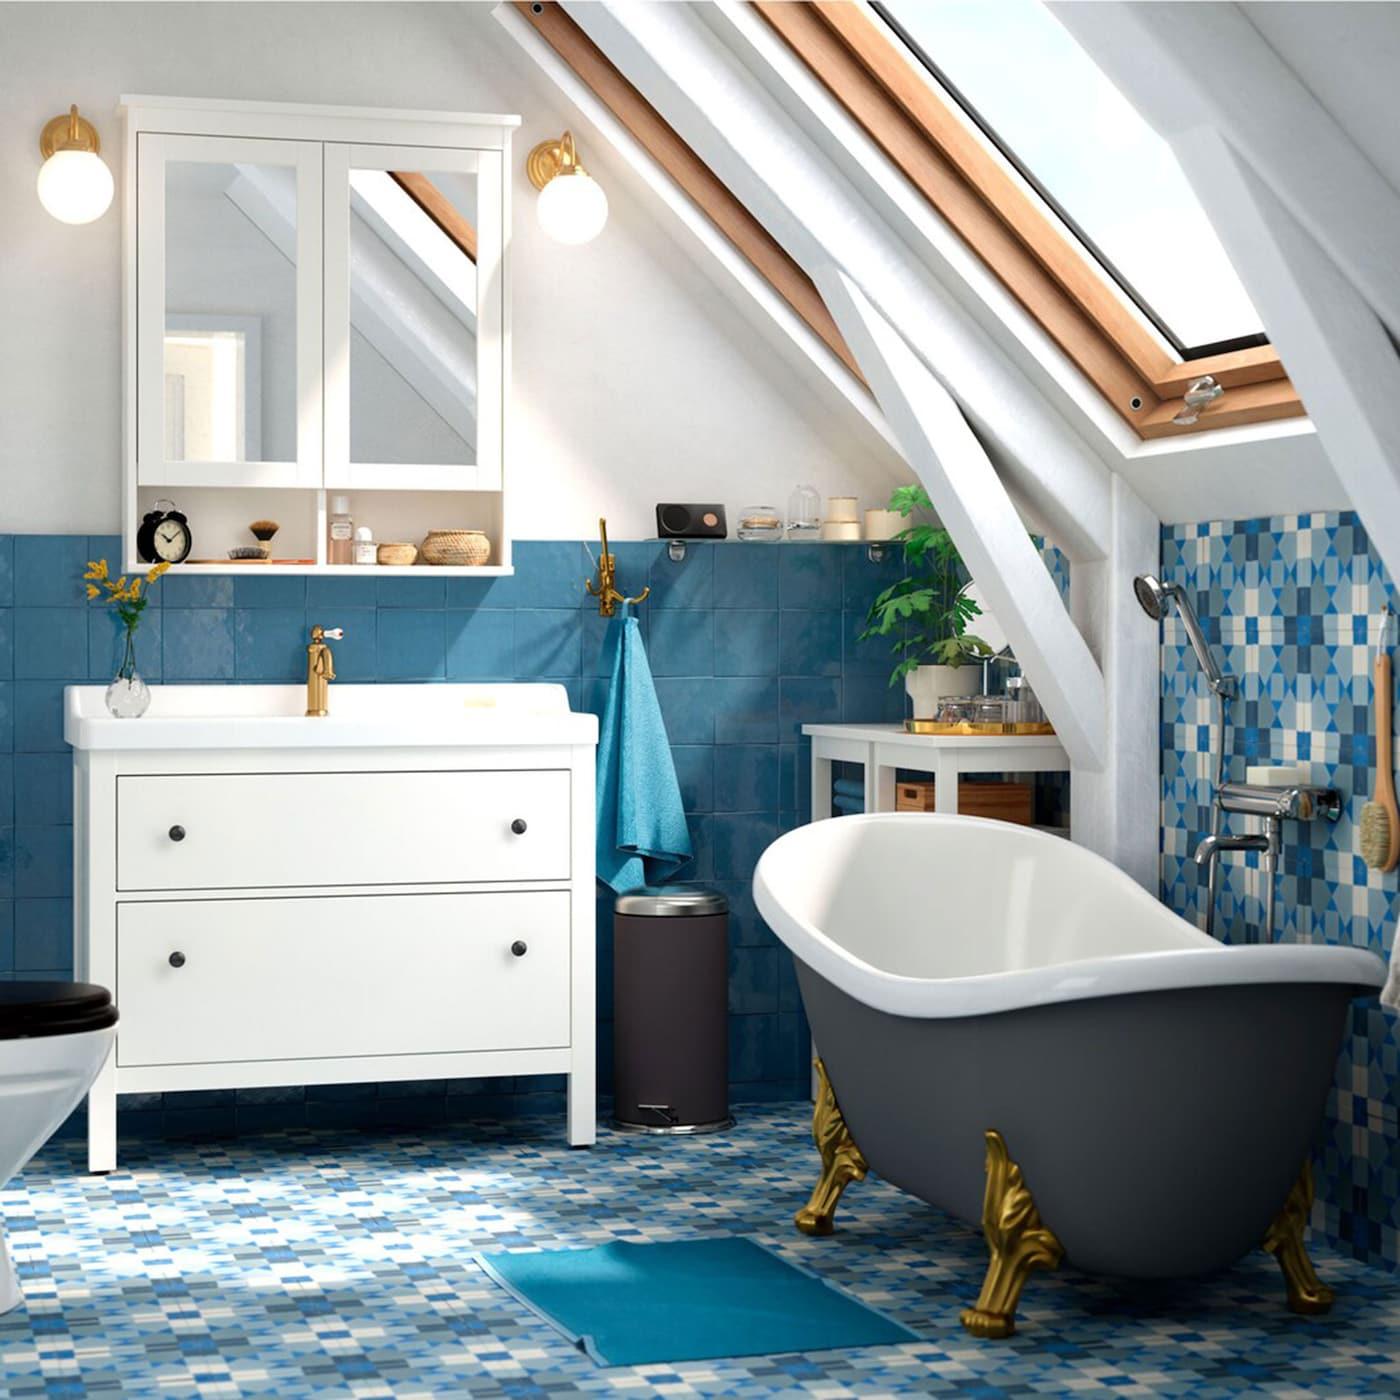 Inspiration Pour L'aménagement De Ta Salle De Bains - Ikea intérieur 3 Suisses Meuble Salle De Bain